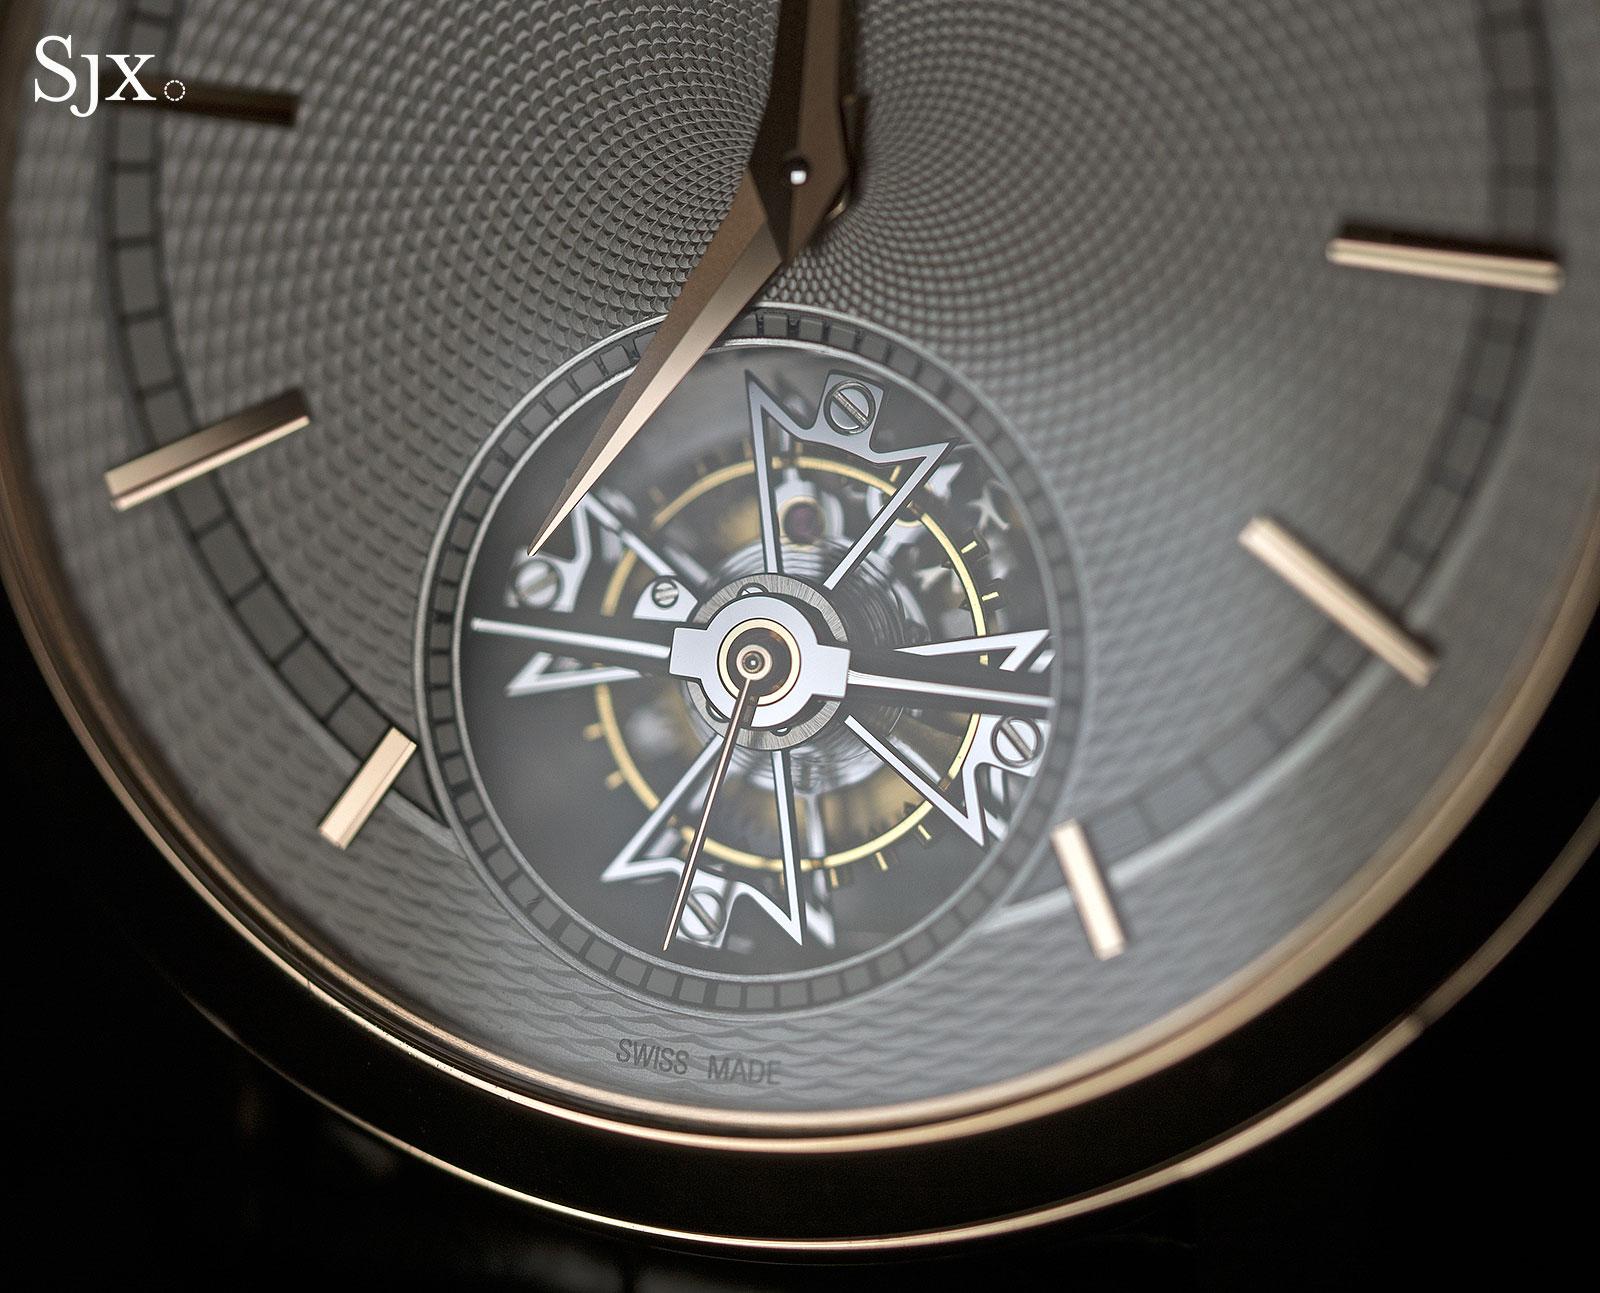 Vacheron Constantin Traditionnelle minute repeater tourbillon 2